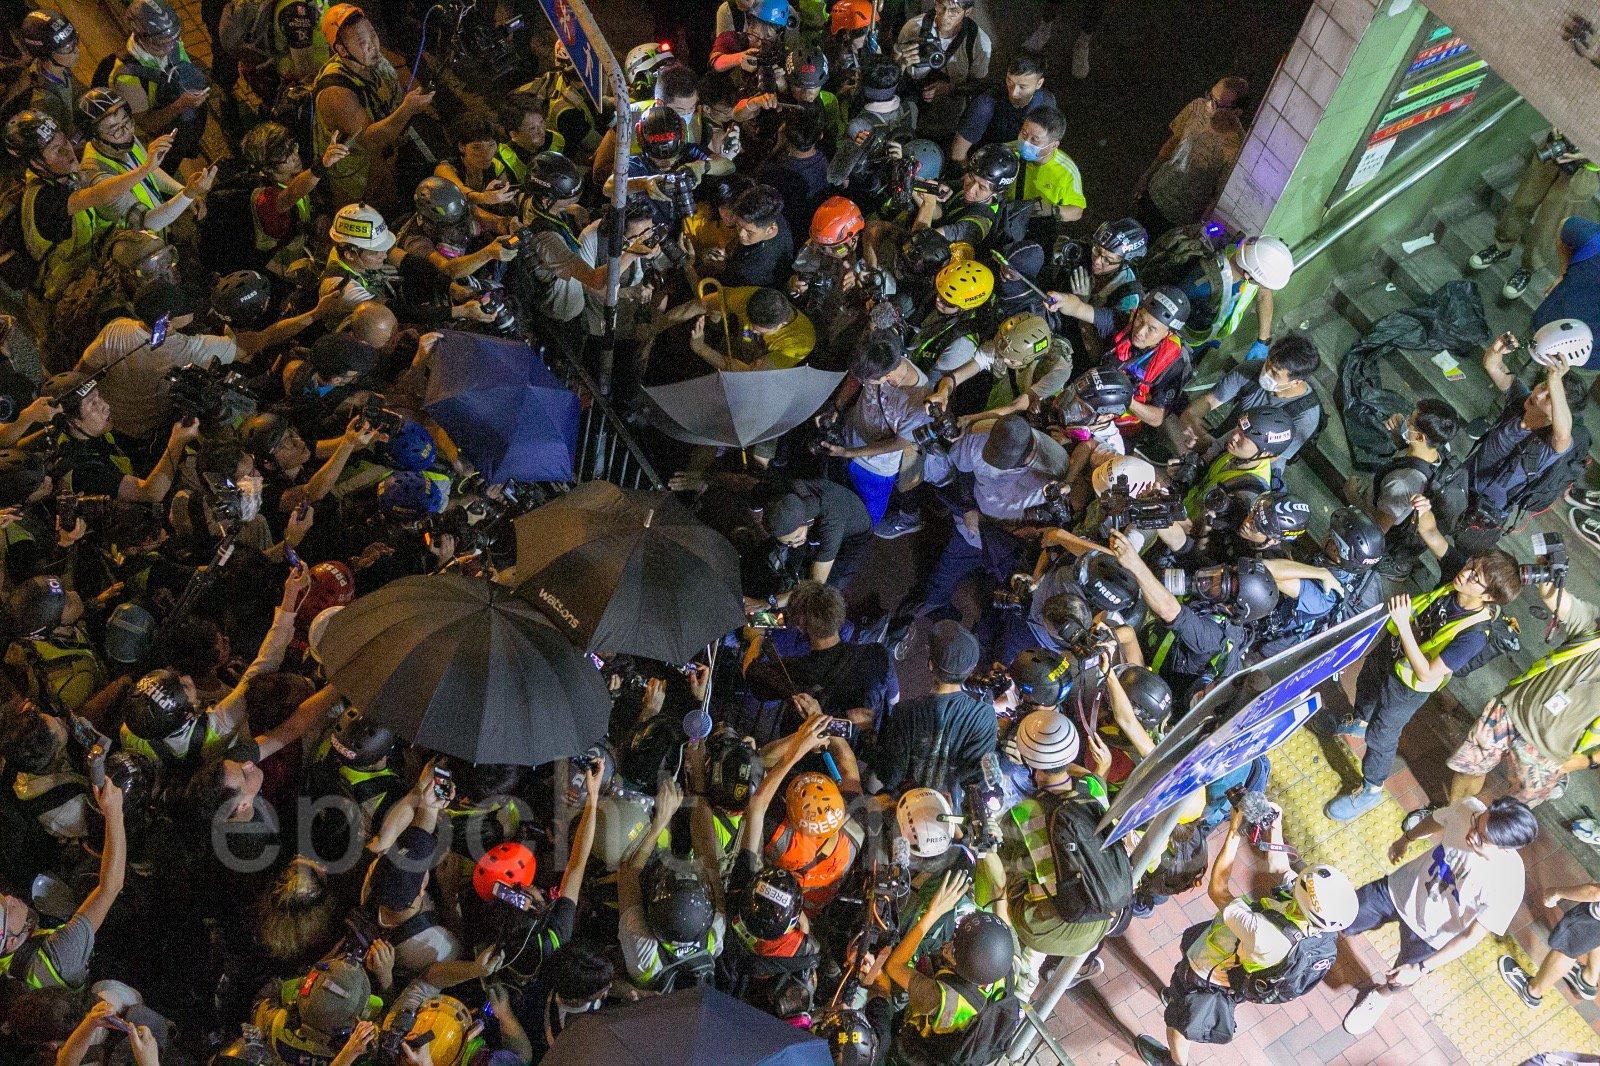 9月15日,在香港砲台山發生撐警的福建幫製造事端,毆打一般民眾,警察特意放走製造事端者的事件。(楊家豪/大紀元)